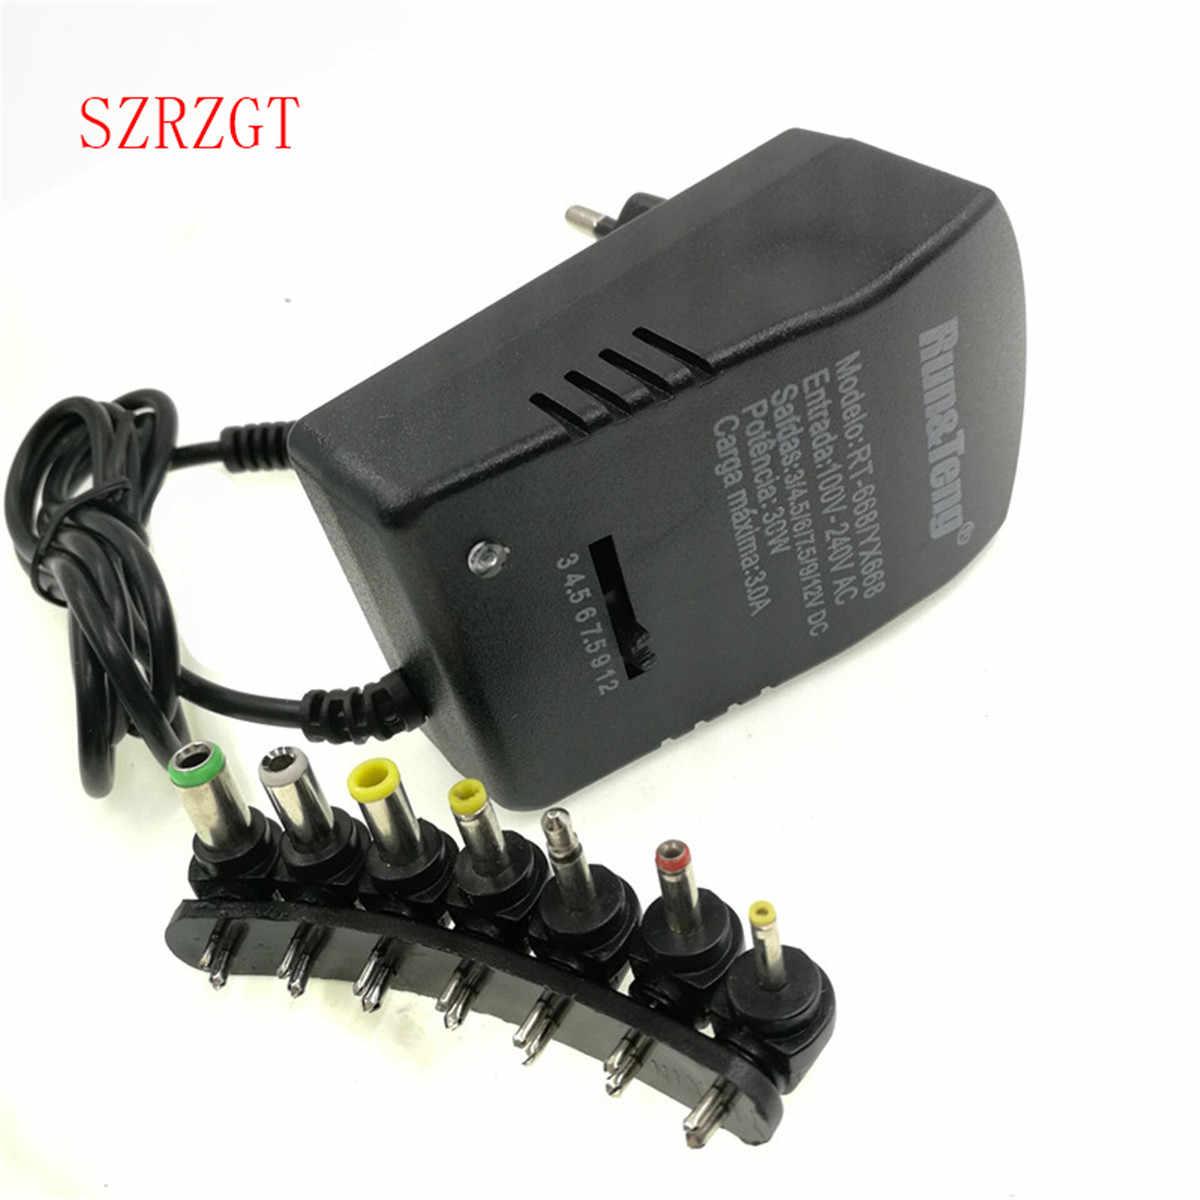 Ổ điện đa năng ADAPTER Đa 3V 6V 9V 12 V Adapter 3 6 9 12 V Volt Cáp Chuyển Đổi 7 Phích Cắm Bộ Điều Hợp 3A 30W